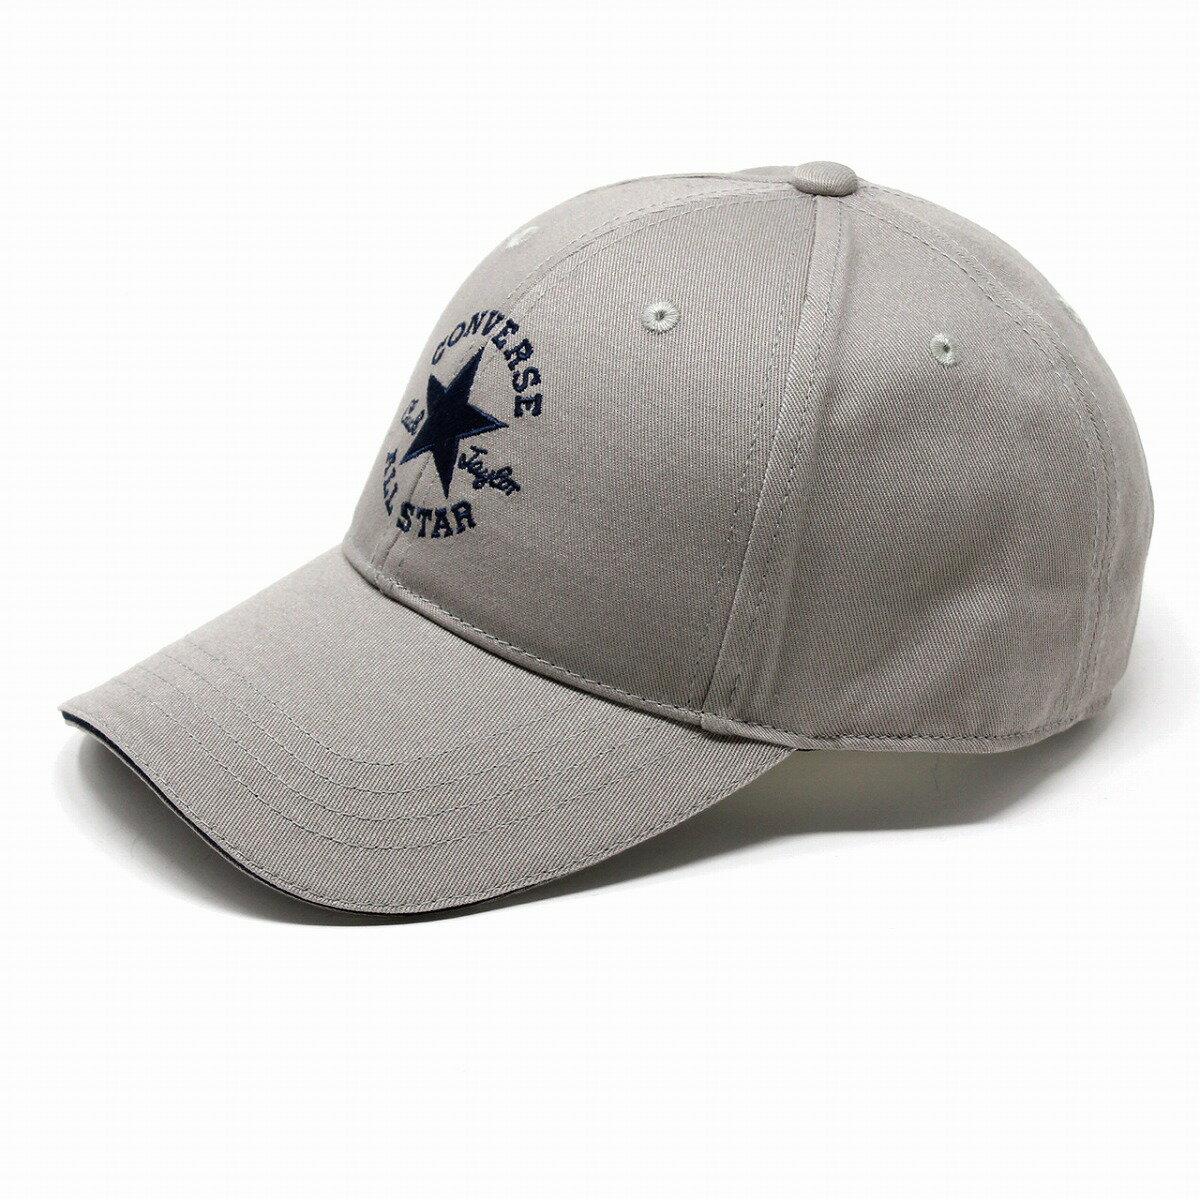 コンバース オールスター 帽子 cap ALL STAR ツイルキャップ スポーツ コットン100% オールシーズン CONVERSE キャップ メンズ 灰色 グレー [ baseball cap ]( クリスマス ギフト包装 ラッピング 無料 )